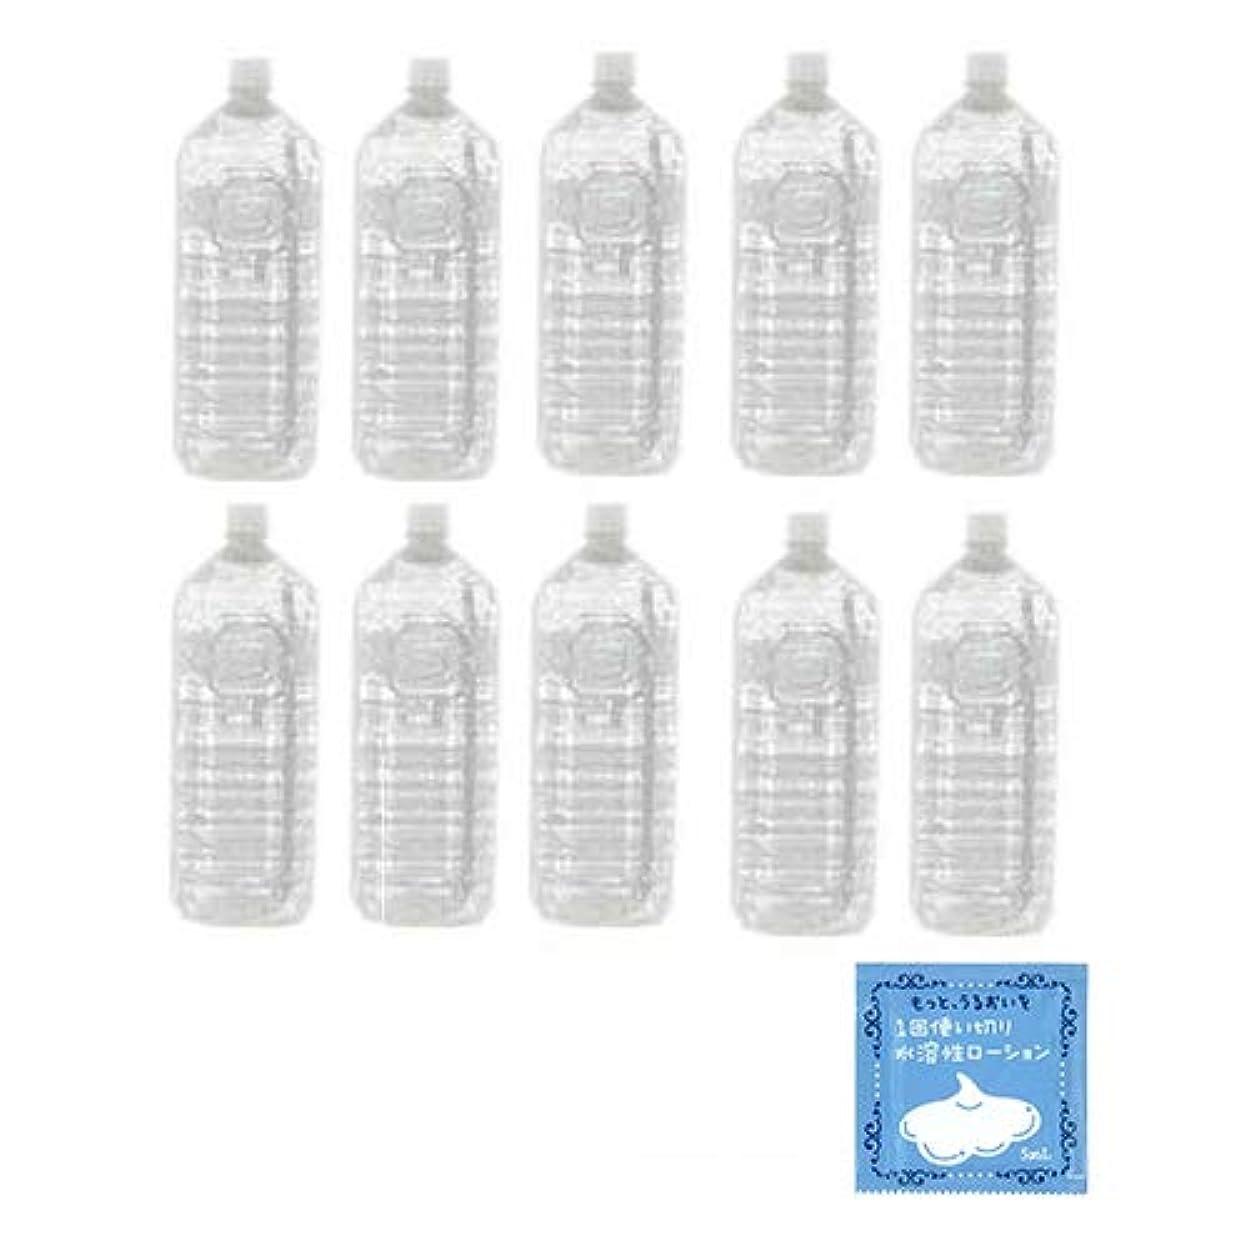 ペストリーサラダ準備するクリアローション 2Lペットボトル ハードタイプ(5倍濃縮原液) × 10本セット+ 1回使い切り水溶性潤滑ローション